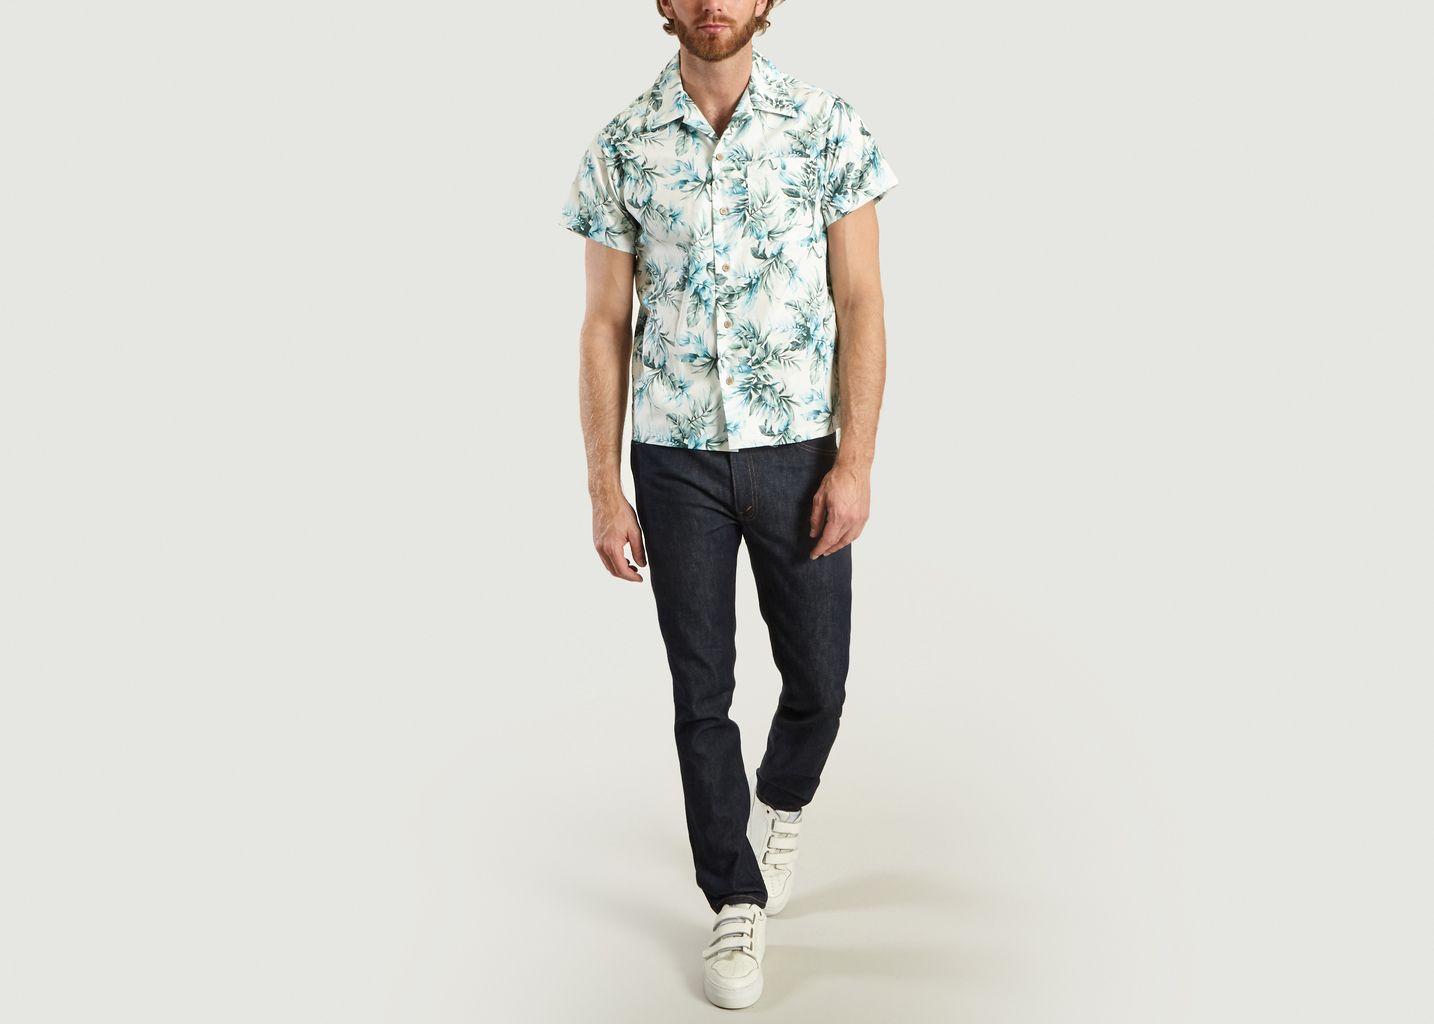 Aloha Shirt Big Tropical - Naked and Famous